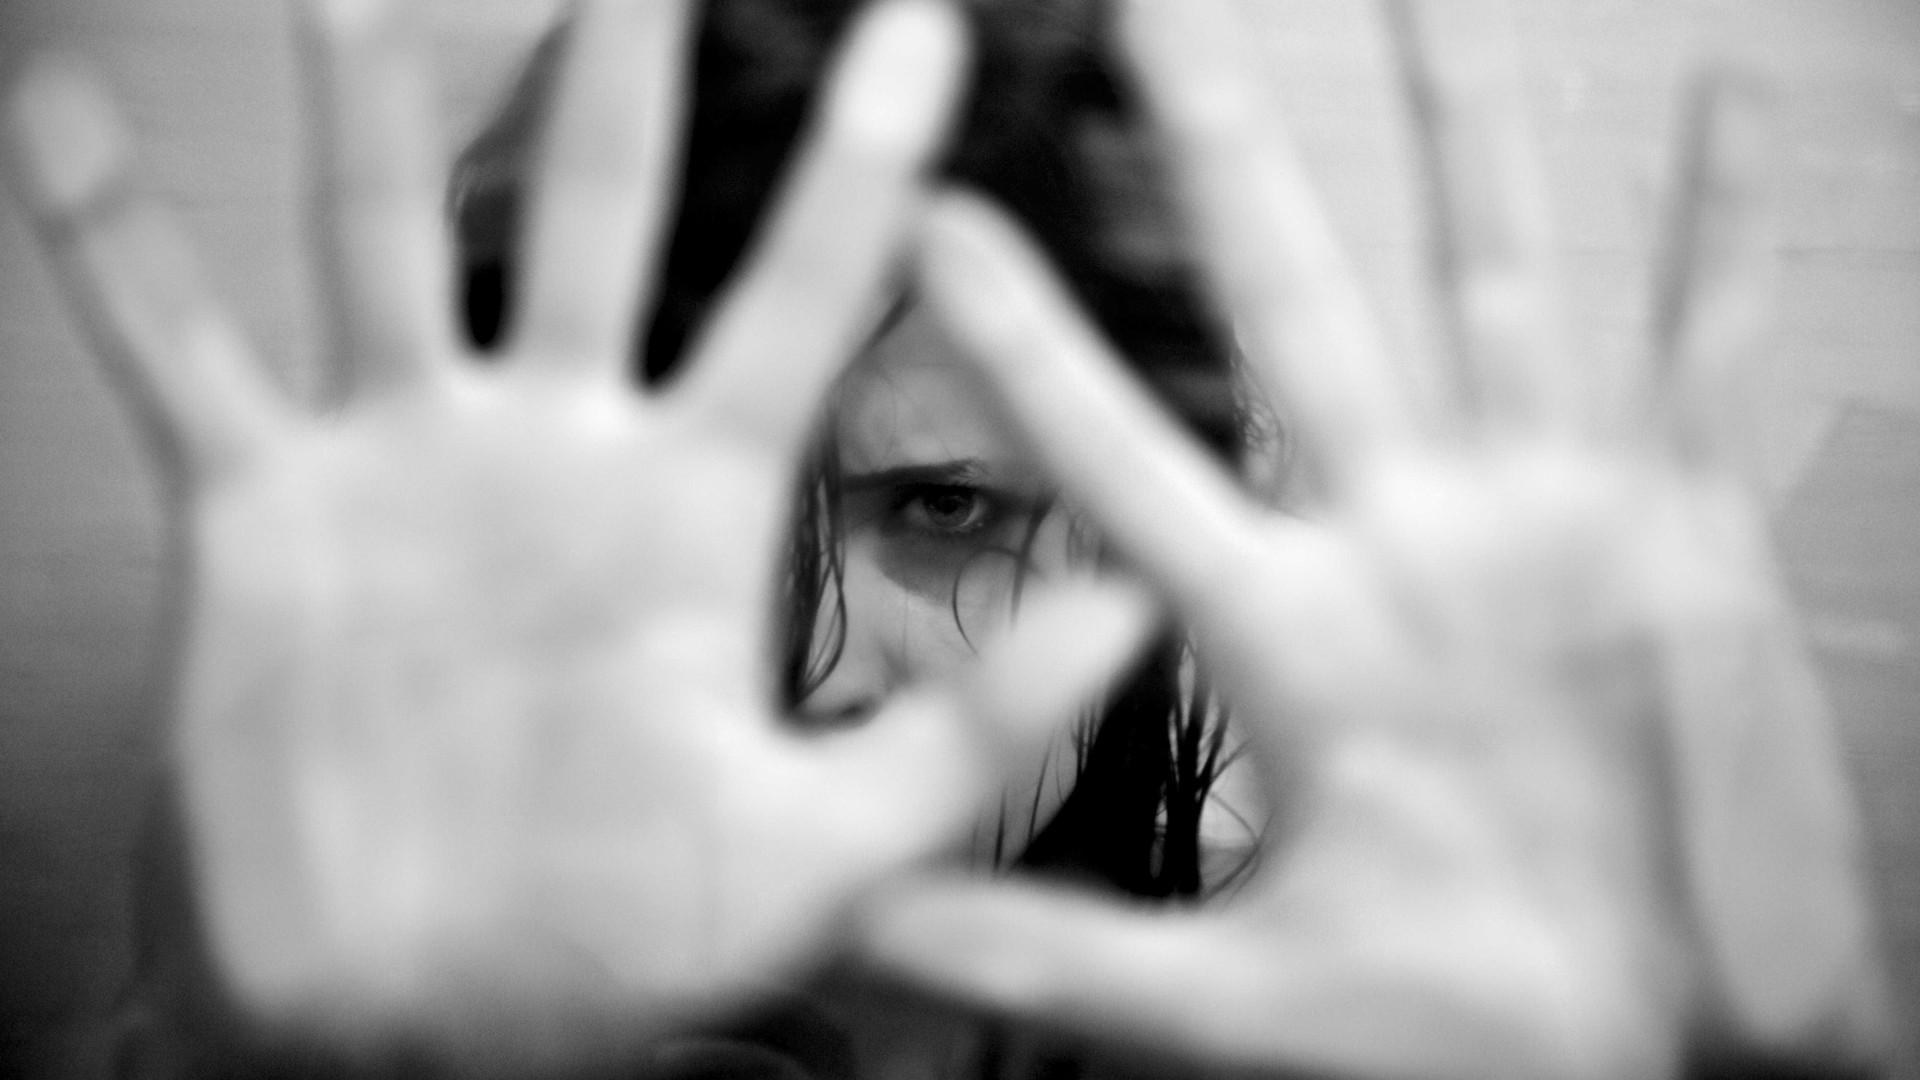 Adolescente de 17 anos diz ter Aids para evitar estupro em SP